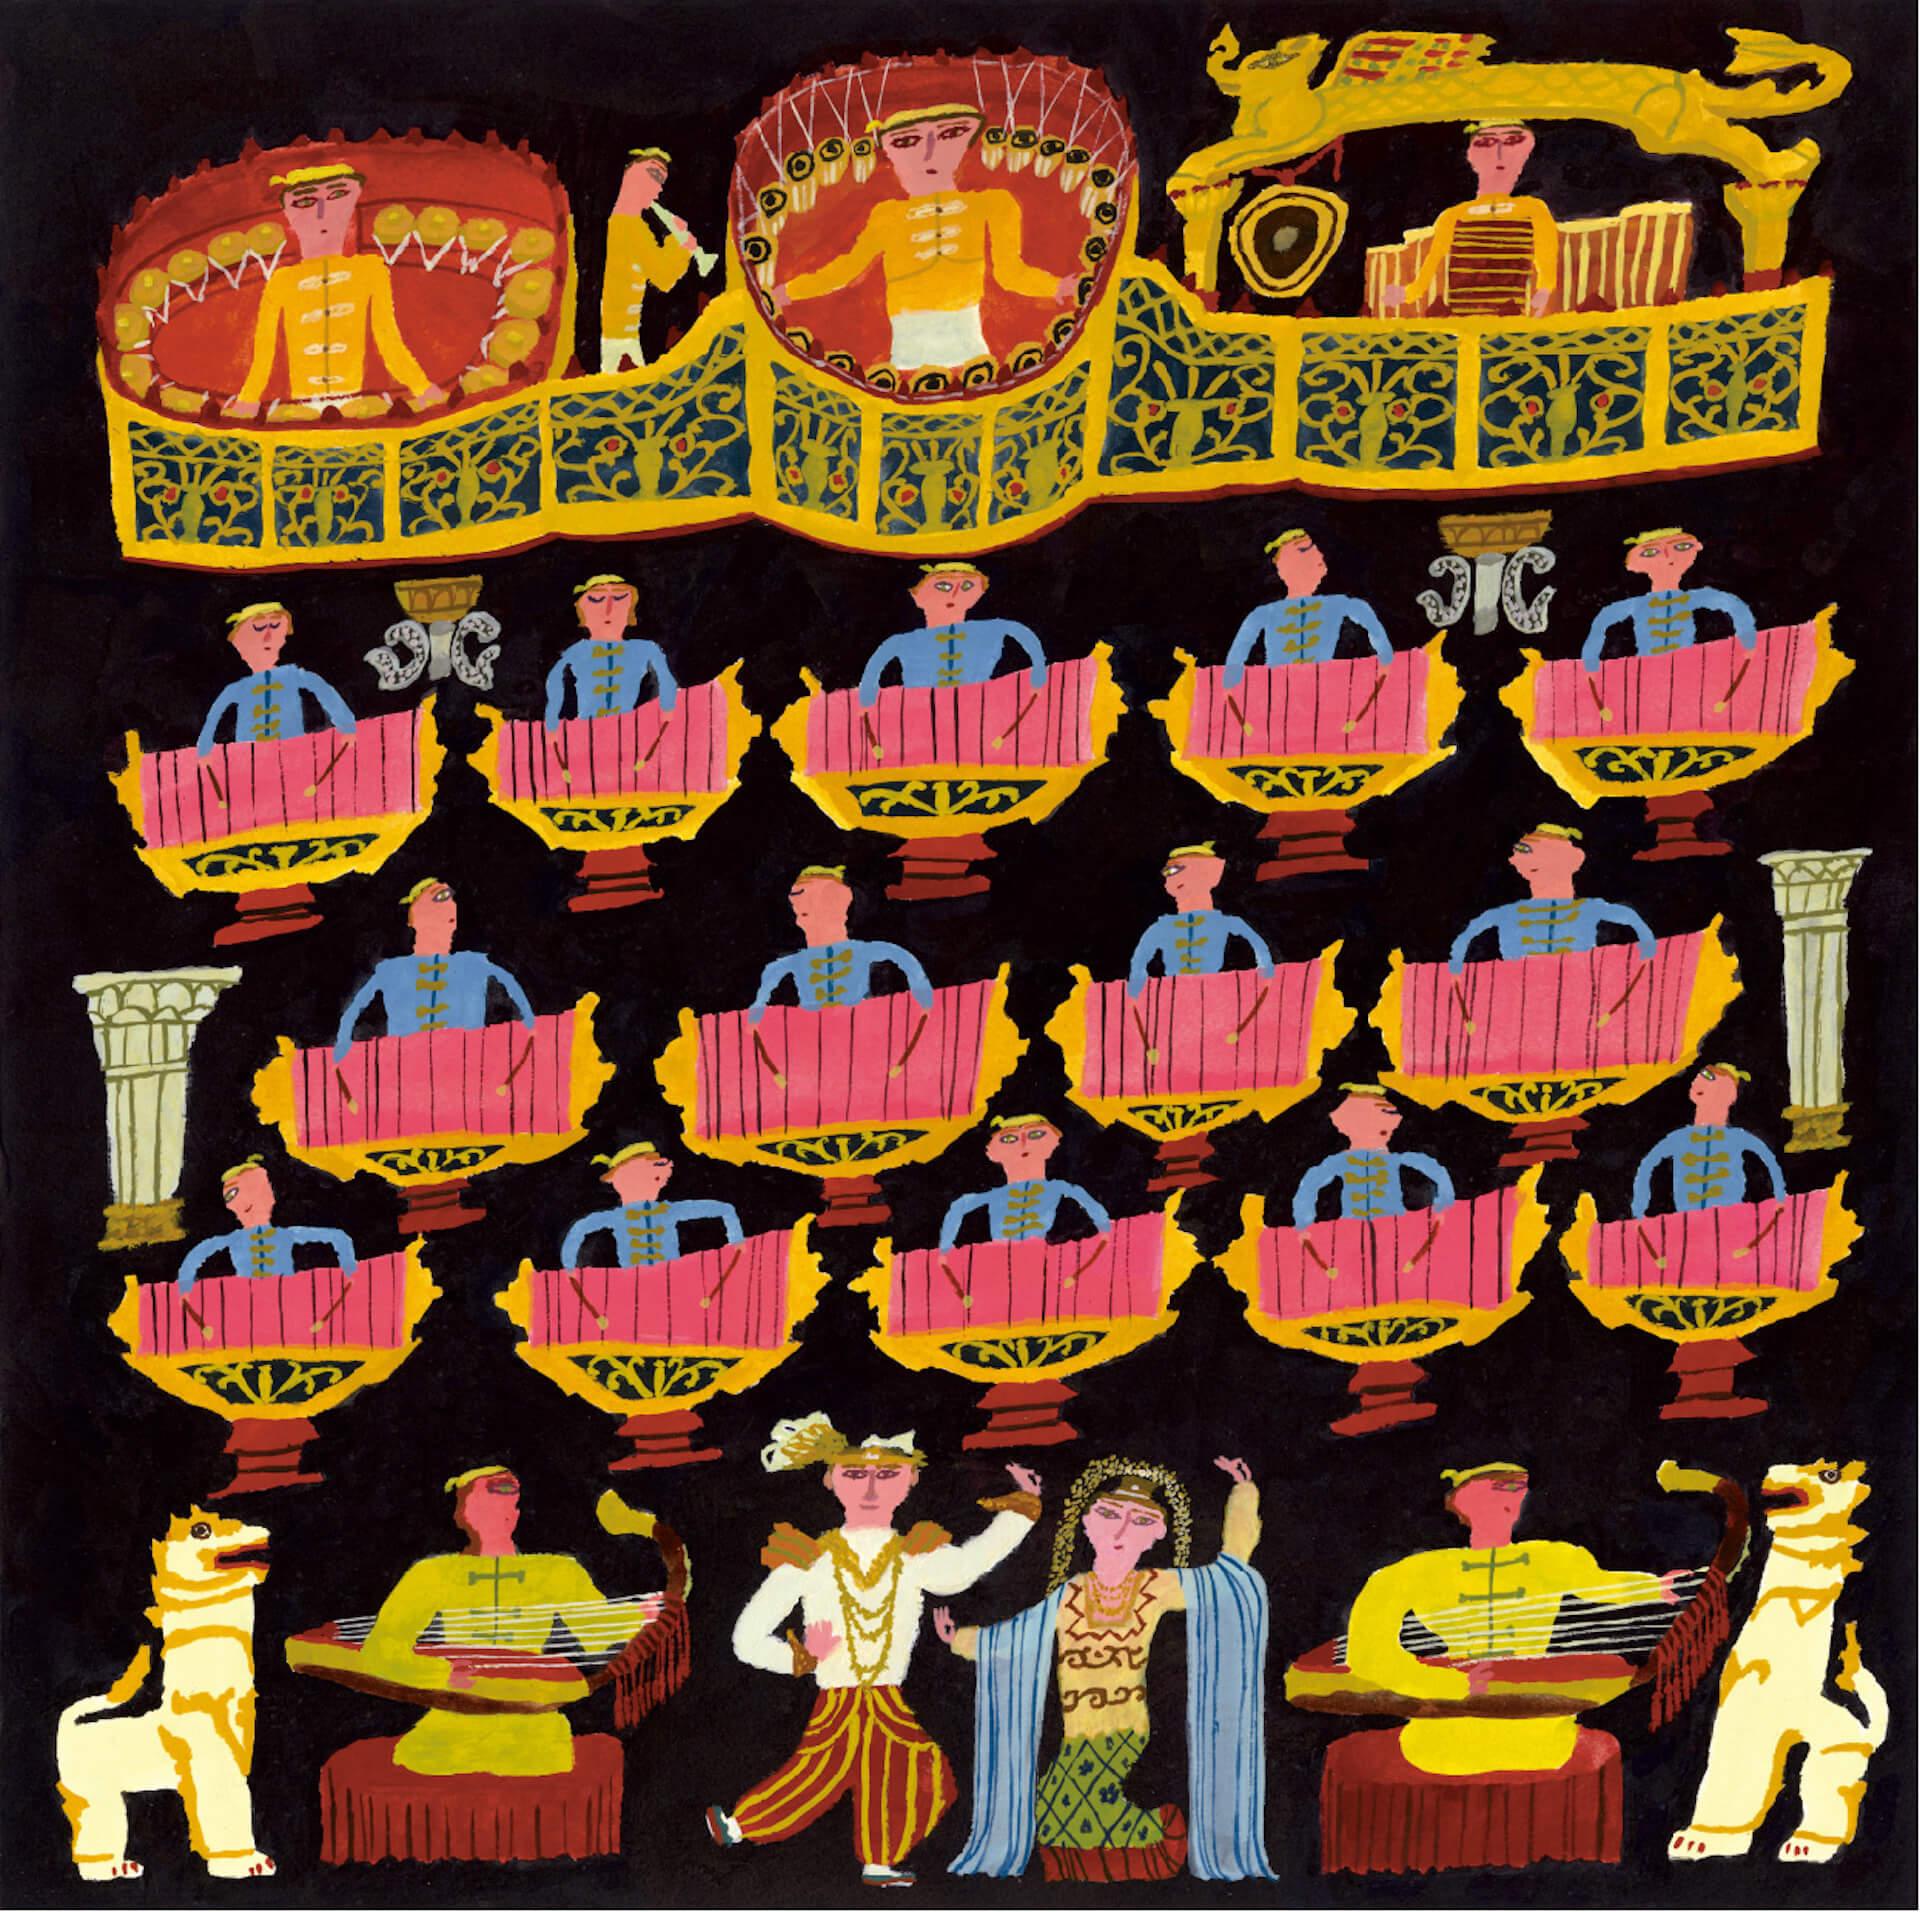 ミャンマーの文化とともに —— コムアイ、オオルタイチ、井口寛が語る音を通じた繋がり interview210917_staywithmyanmar_5